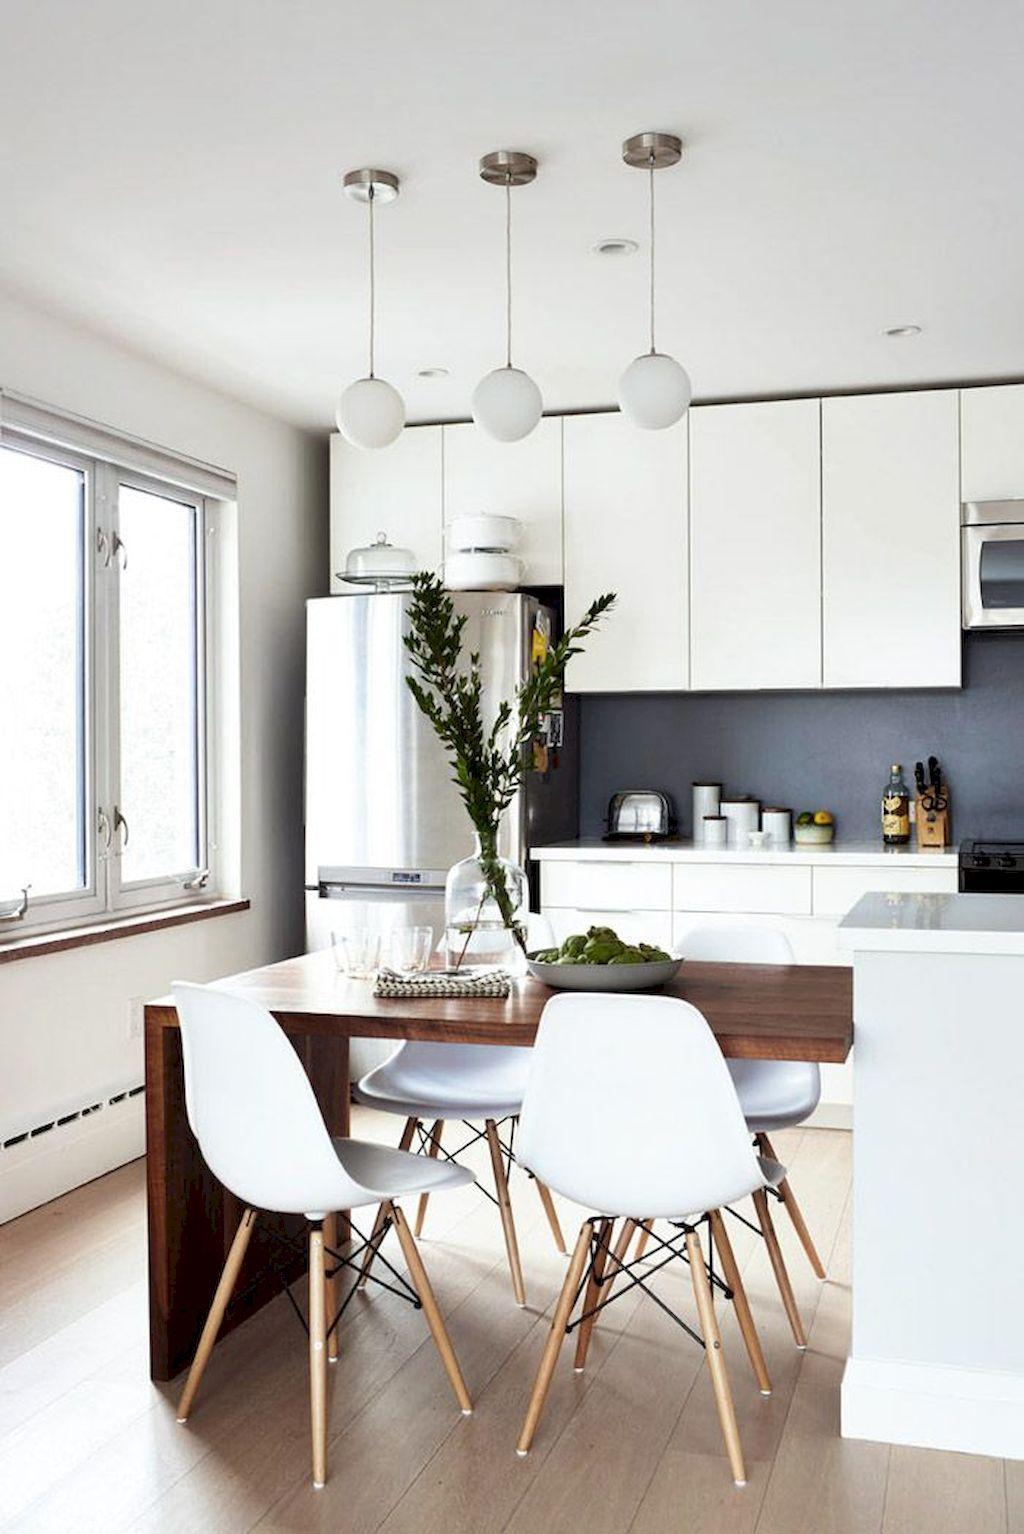 35 stunning modern kitchen bar remodel ideas | kitchens, modern